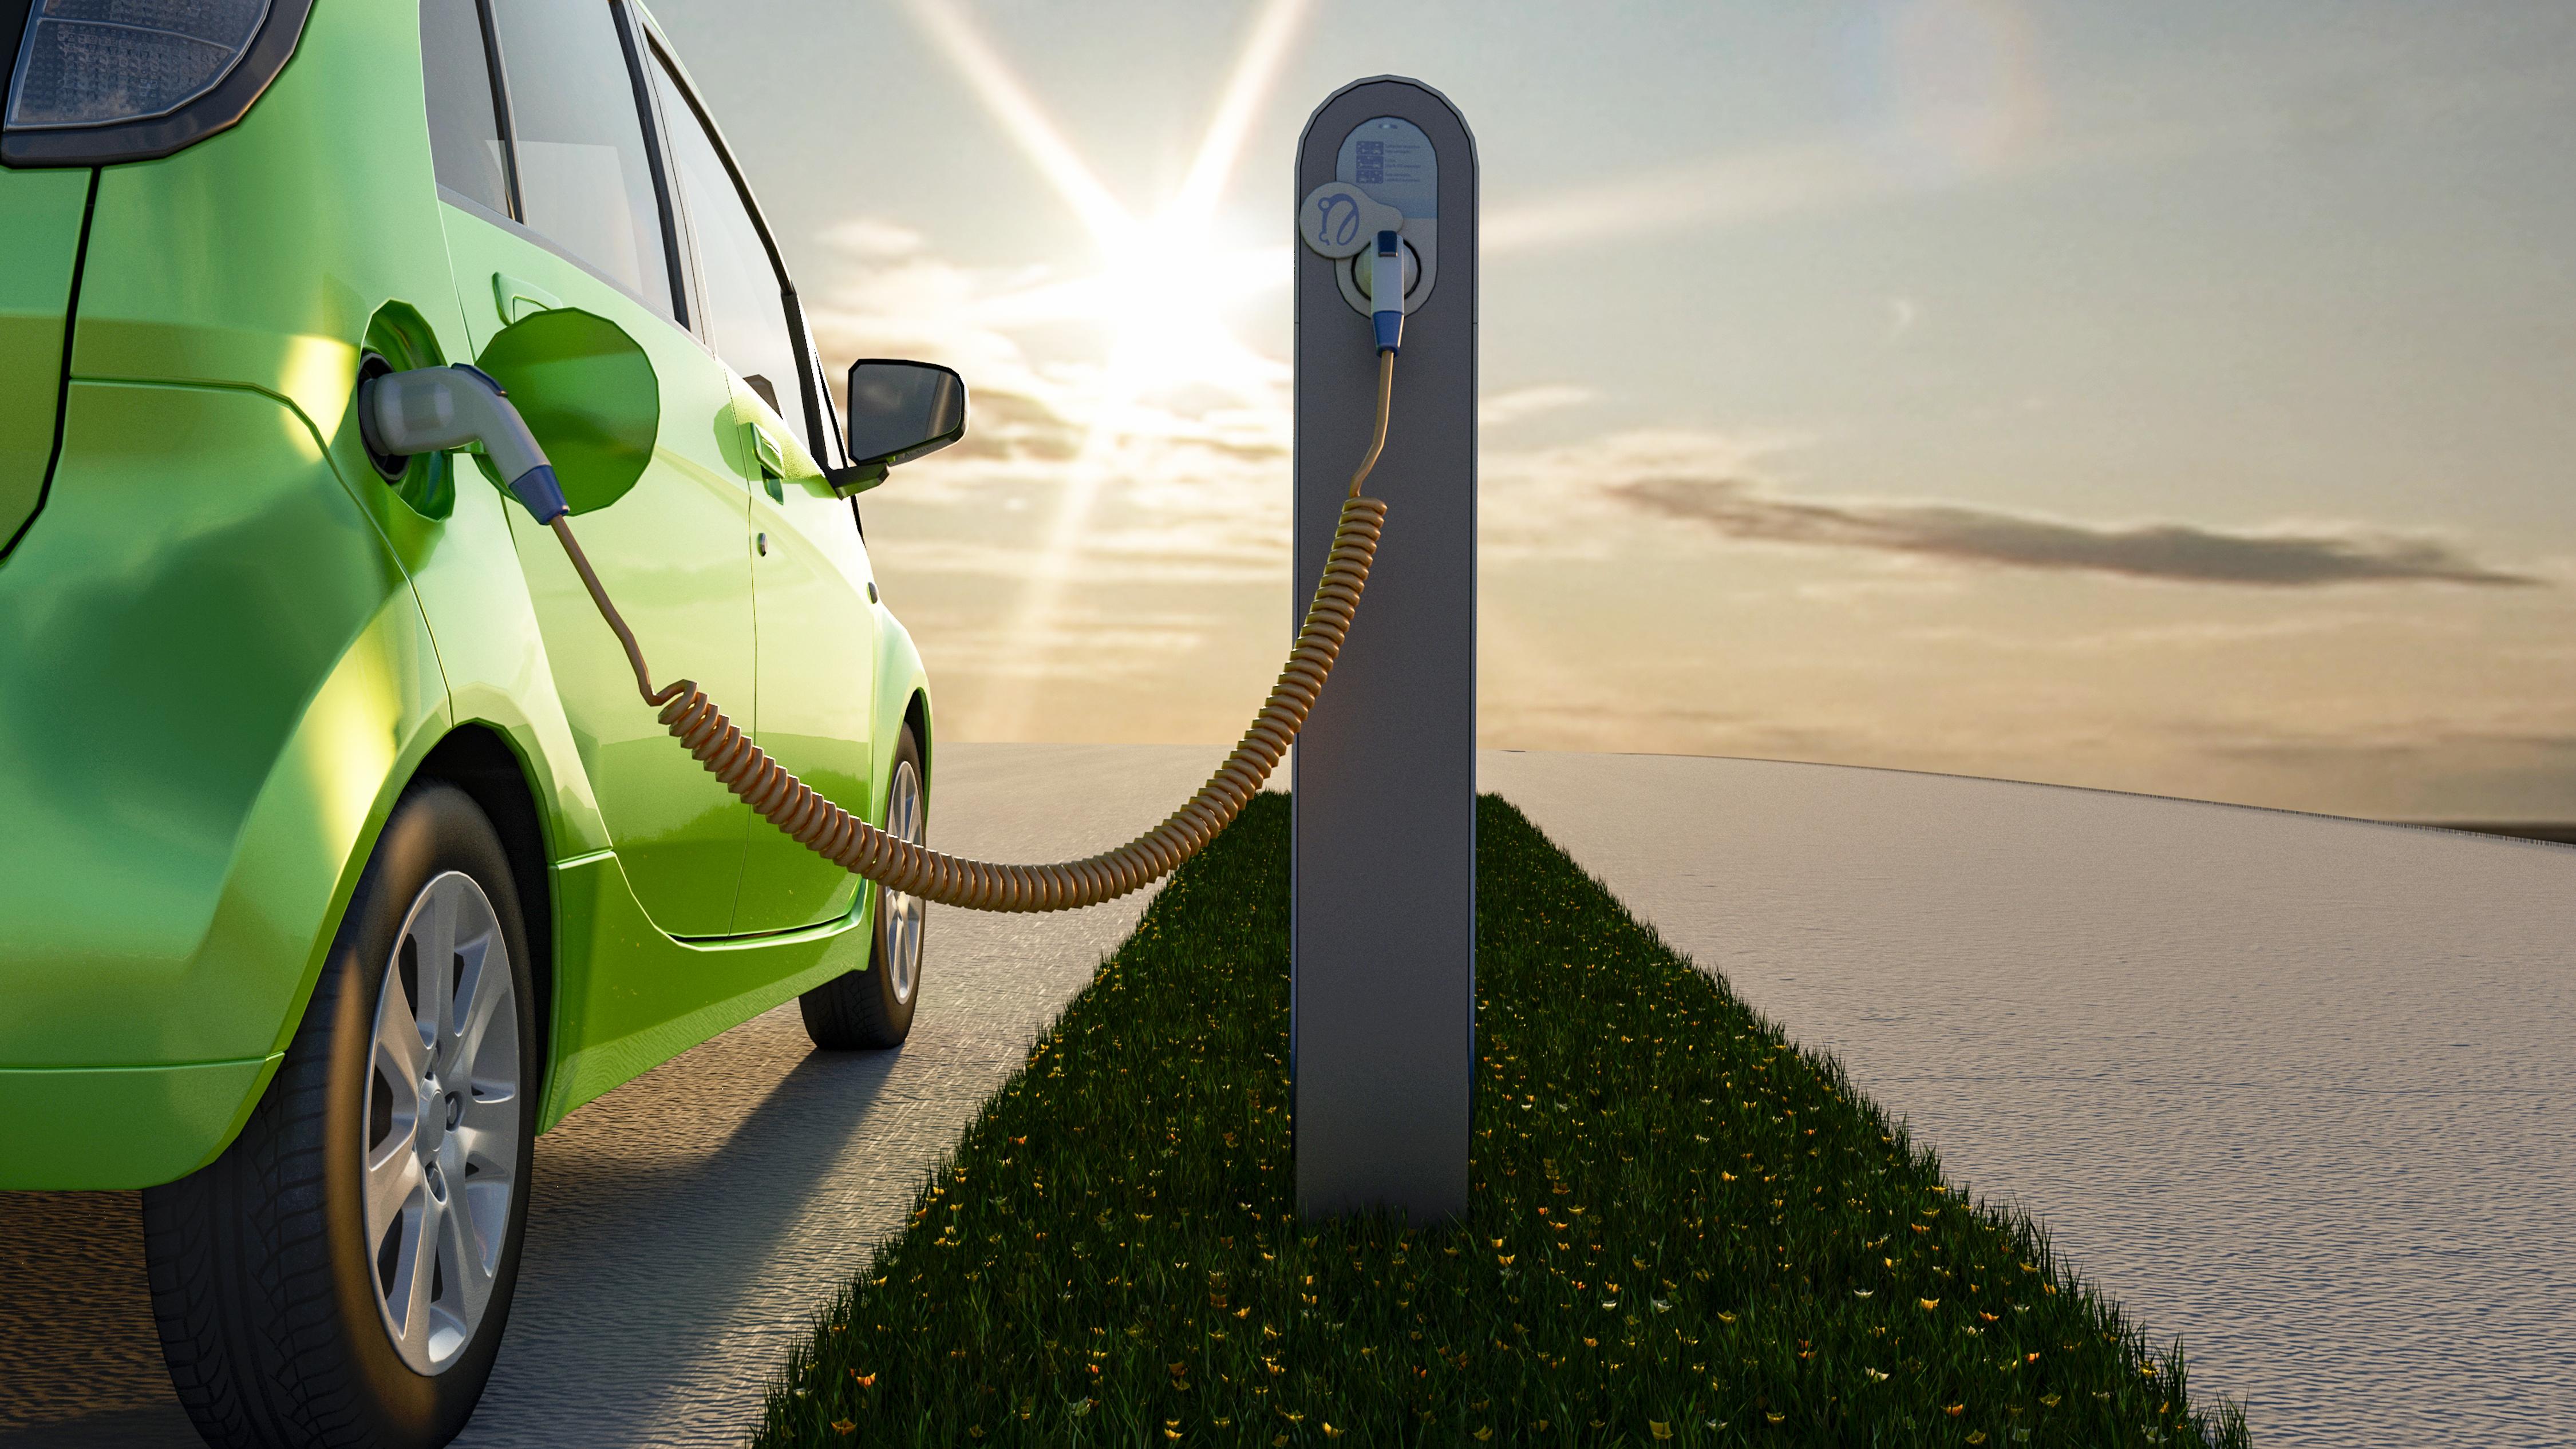 energia rinnovabile per il settore trasporti come i veicoli elettrici: auto e colonnina di ricarica